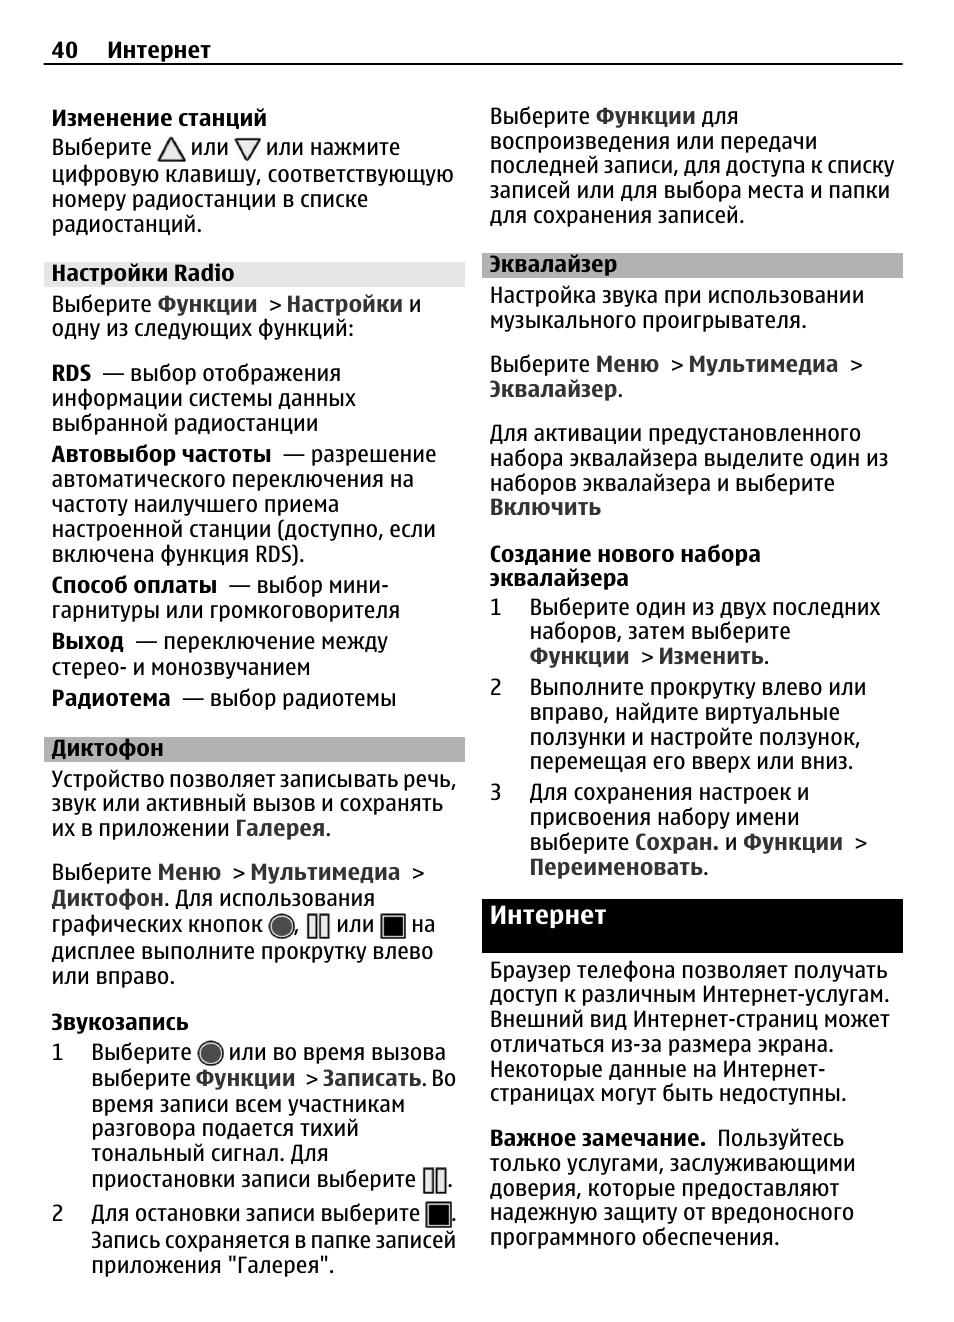 Nokia 6700 инструкция пользователя